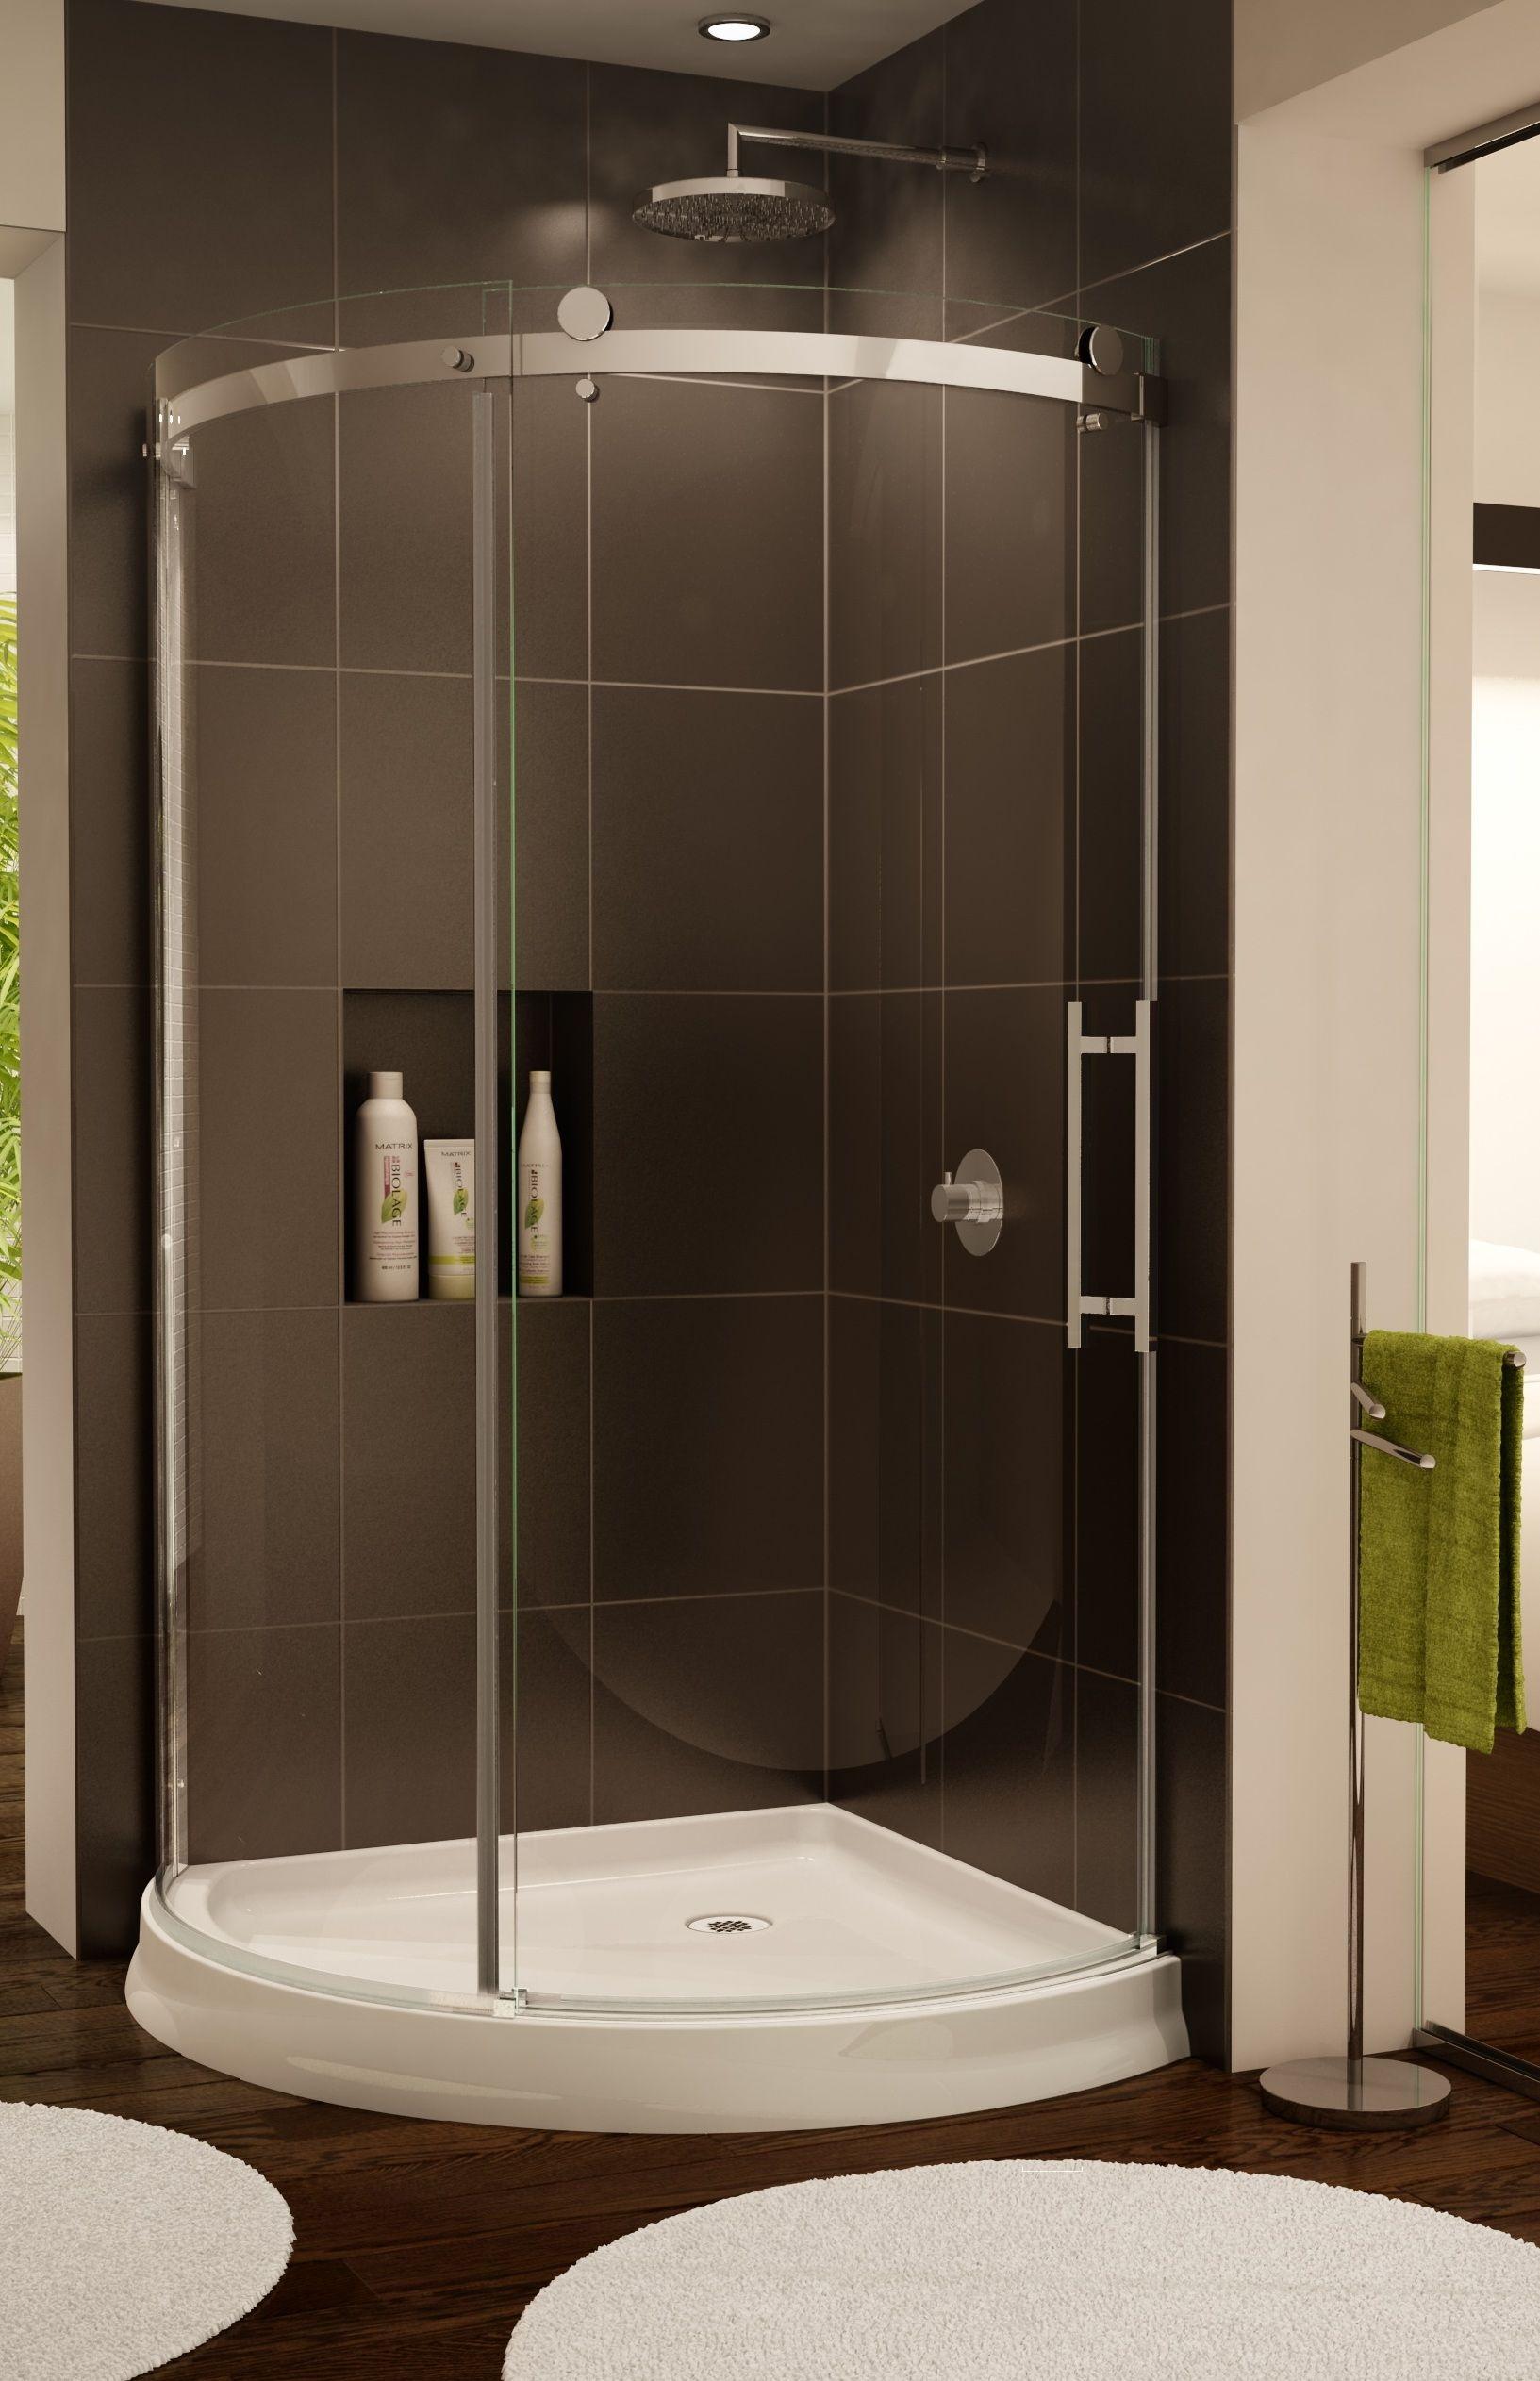 Shower Enclosures | Sliding Shower Doors | DIY - REMODEL MOBILE HOME ...